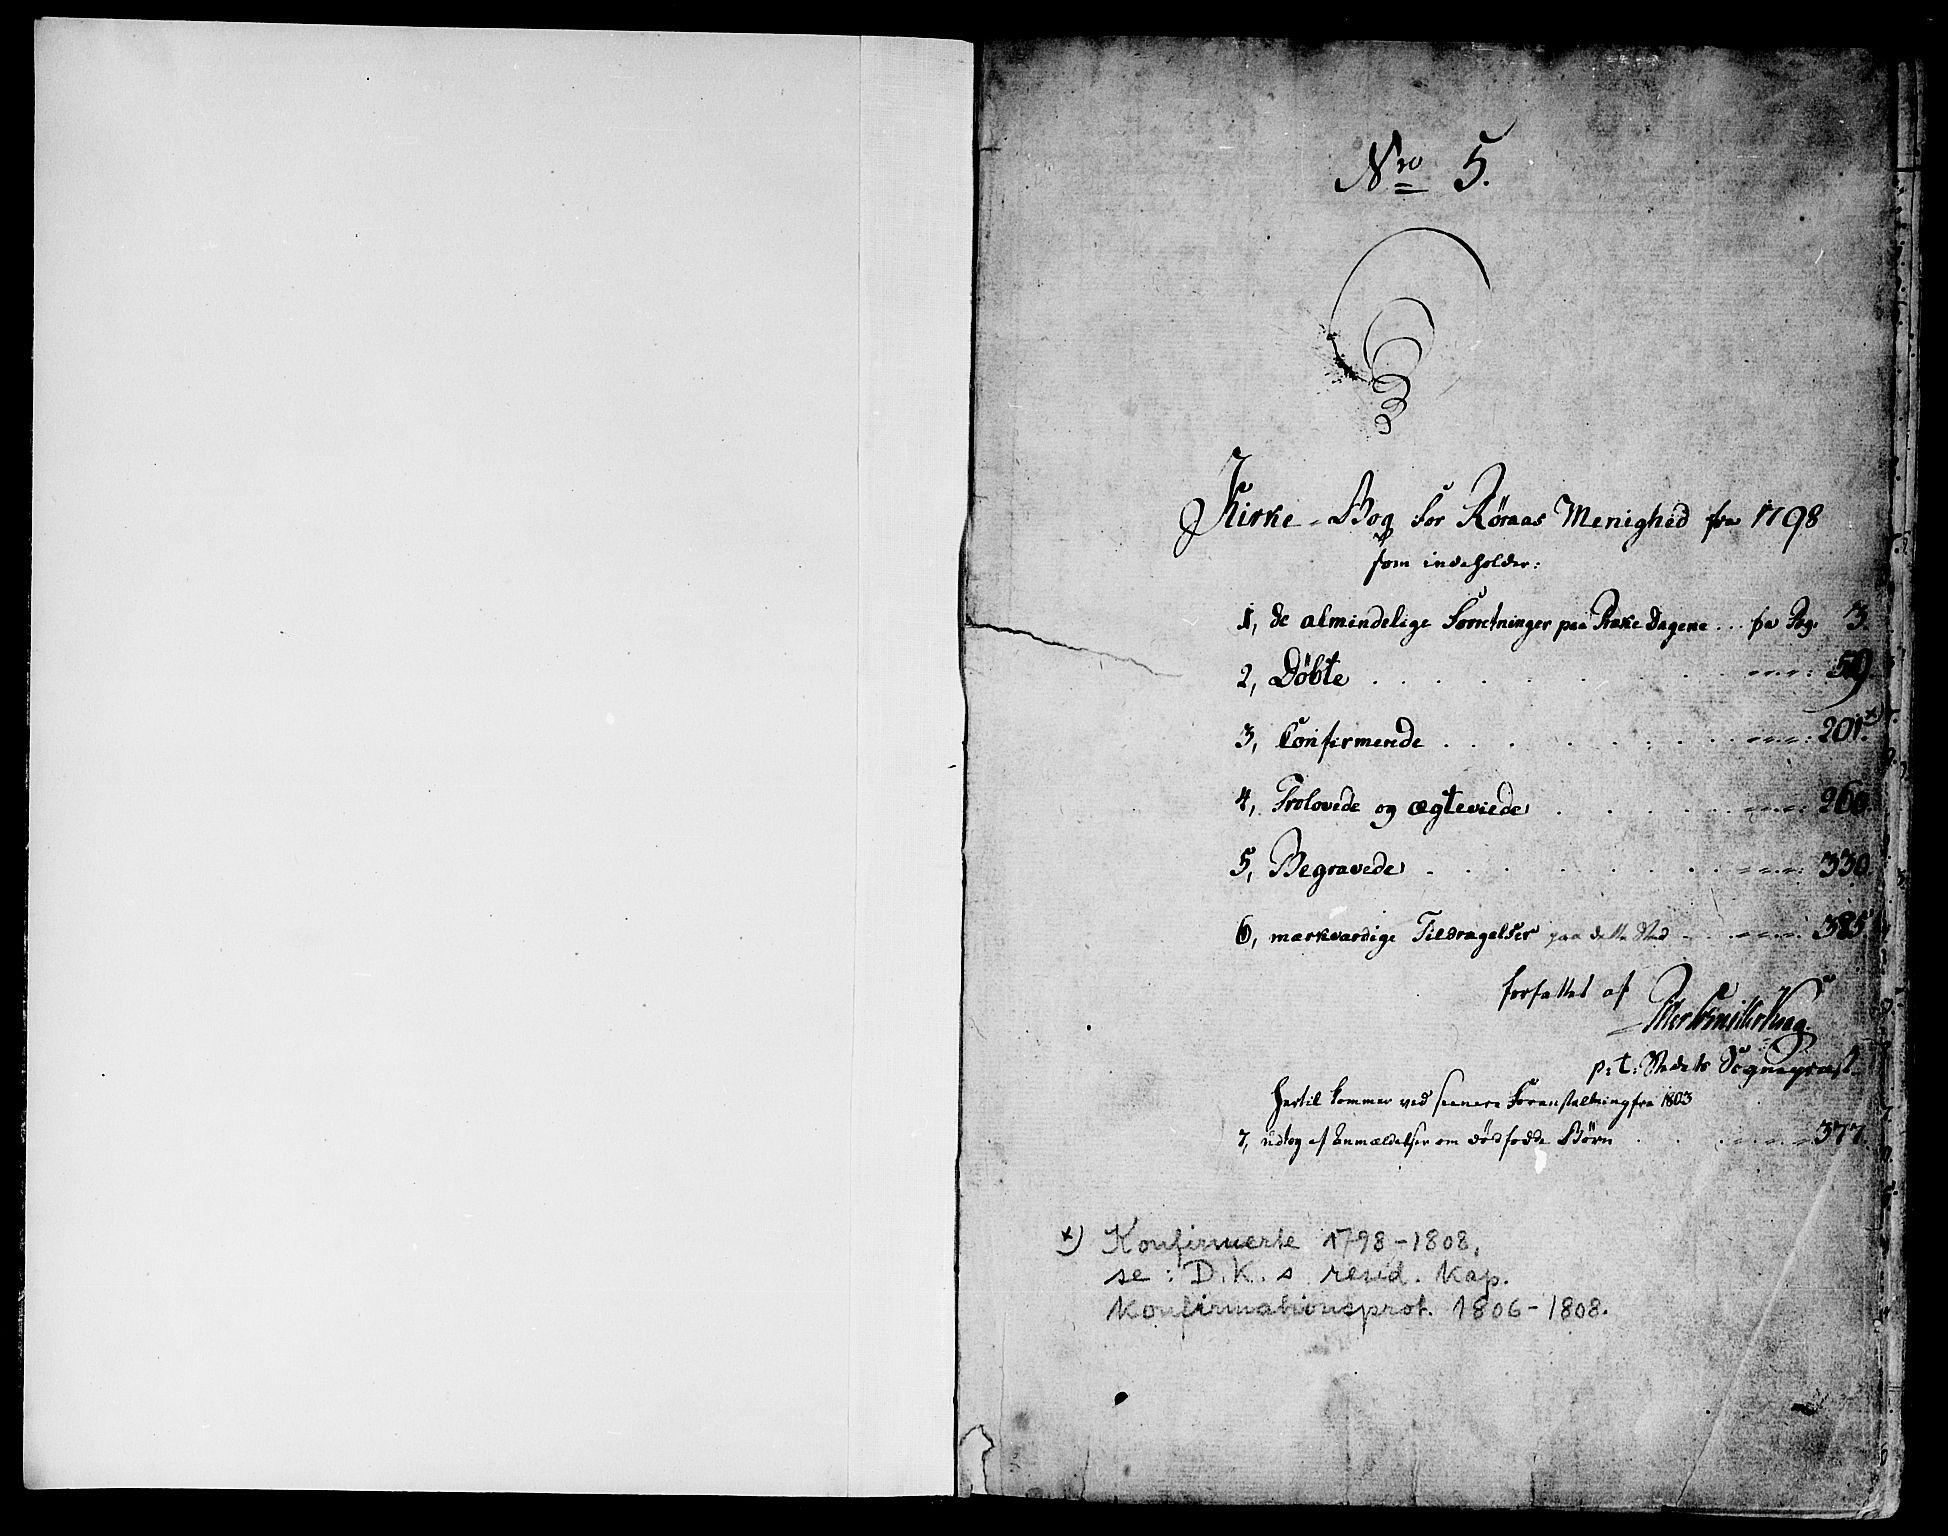 SAT, Ministerialprotokoller, klokkerbøker og fødselsregistre - Sør-Trøndelag, 681/L0927: Ministerialbok nr. 681A05, 1798-1808, s. 0-1